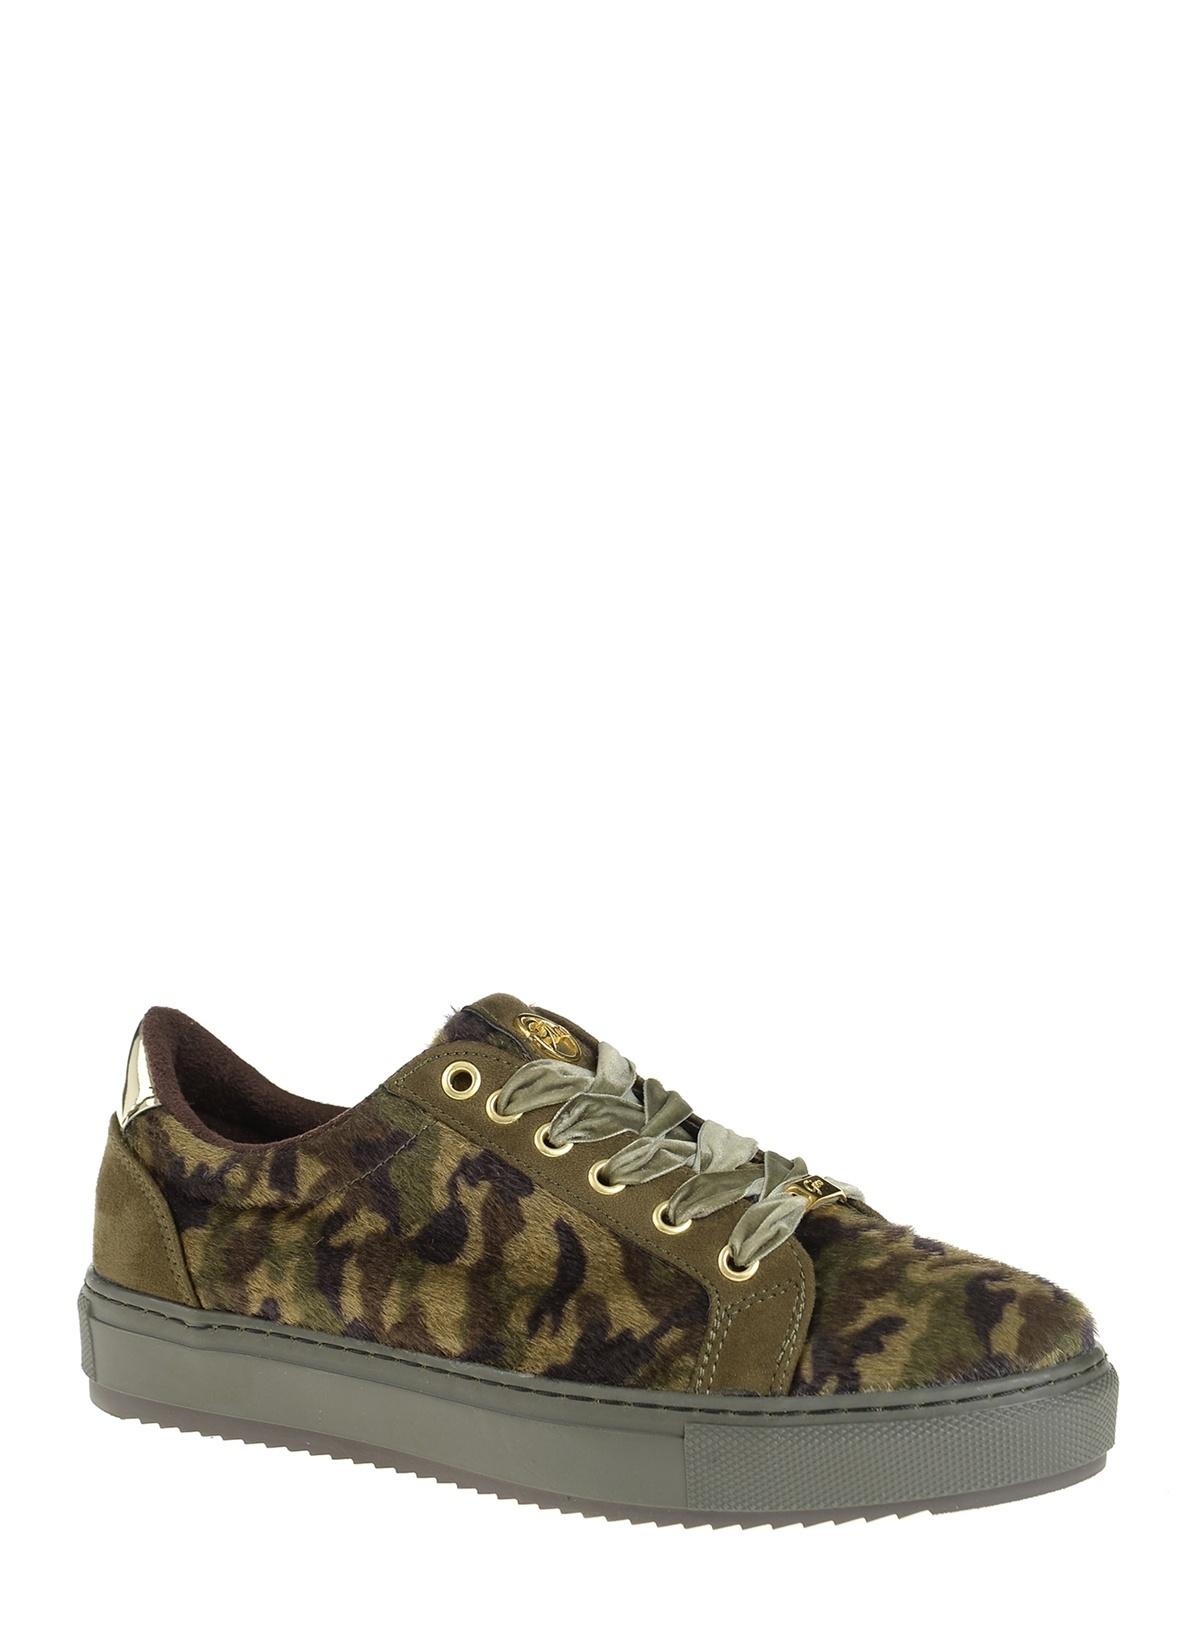 Divarese Lifestyle Ayakkabı 5020514 K Sneaker – 135.0 TL